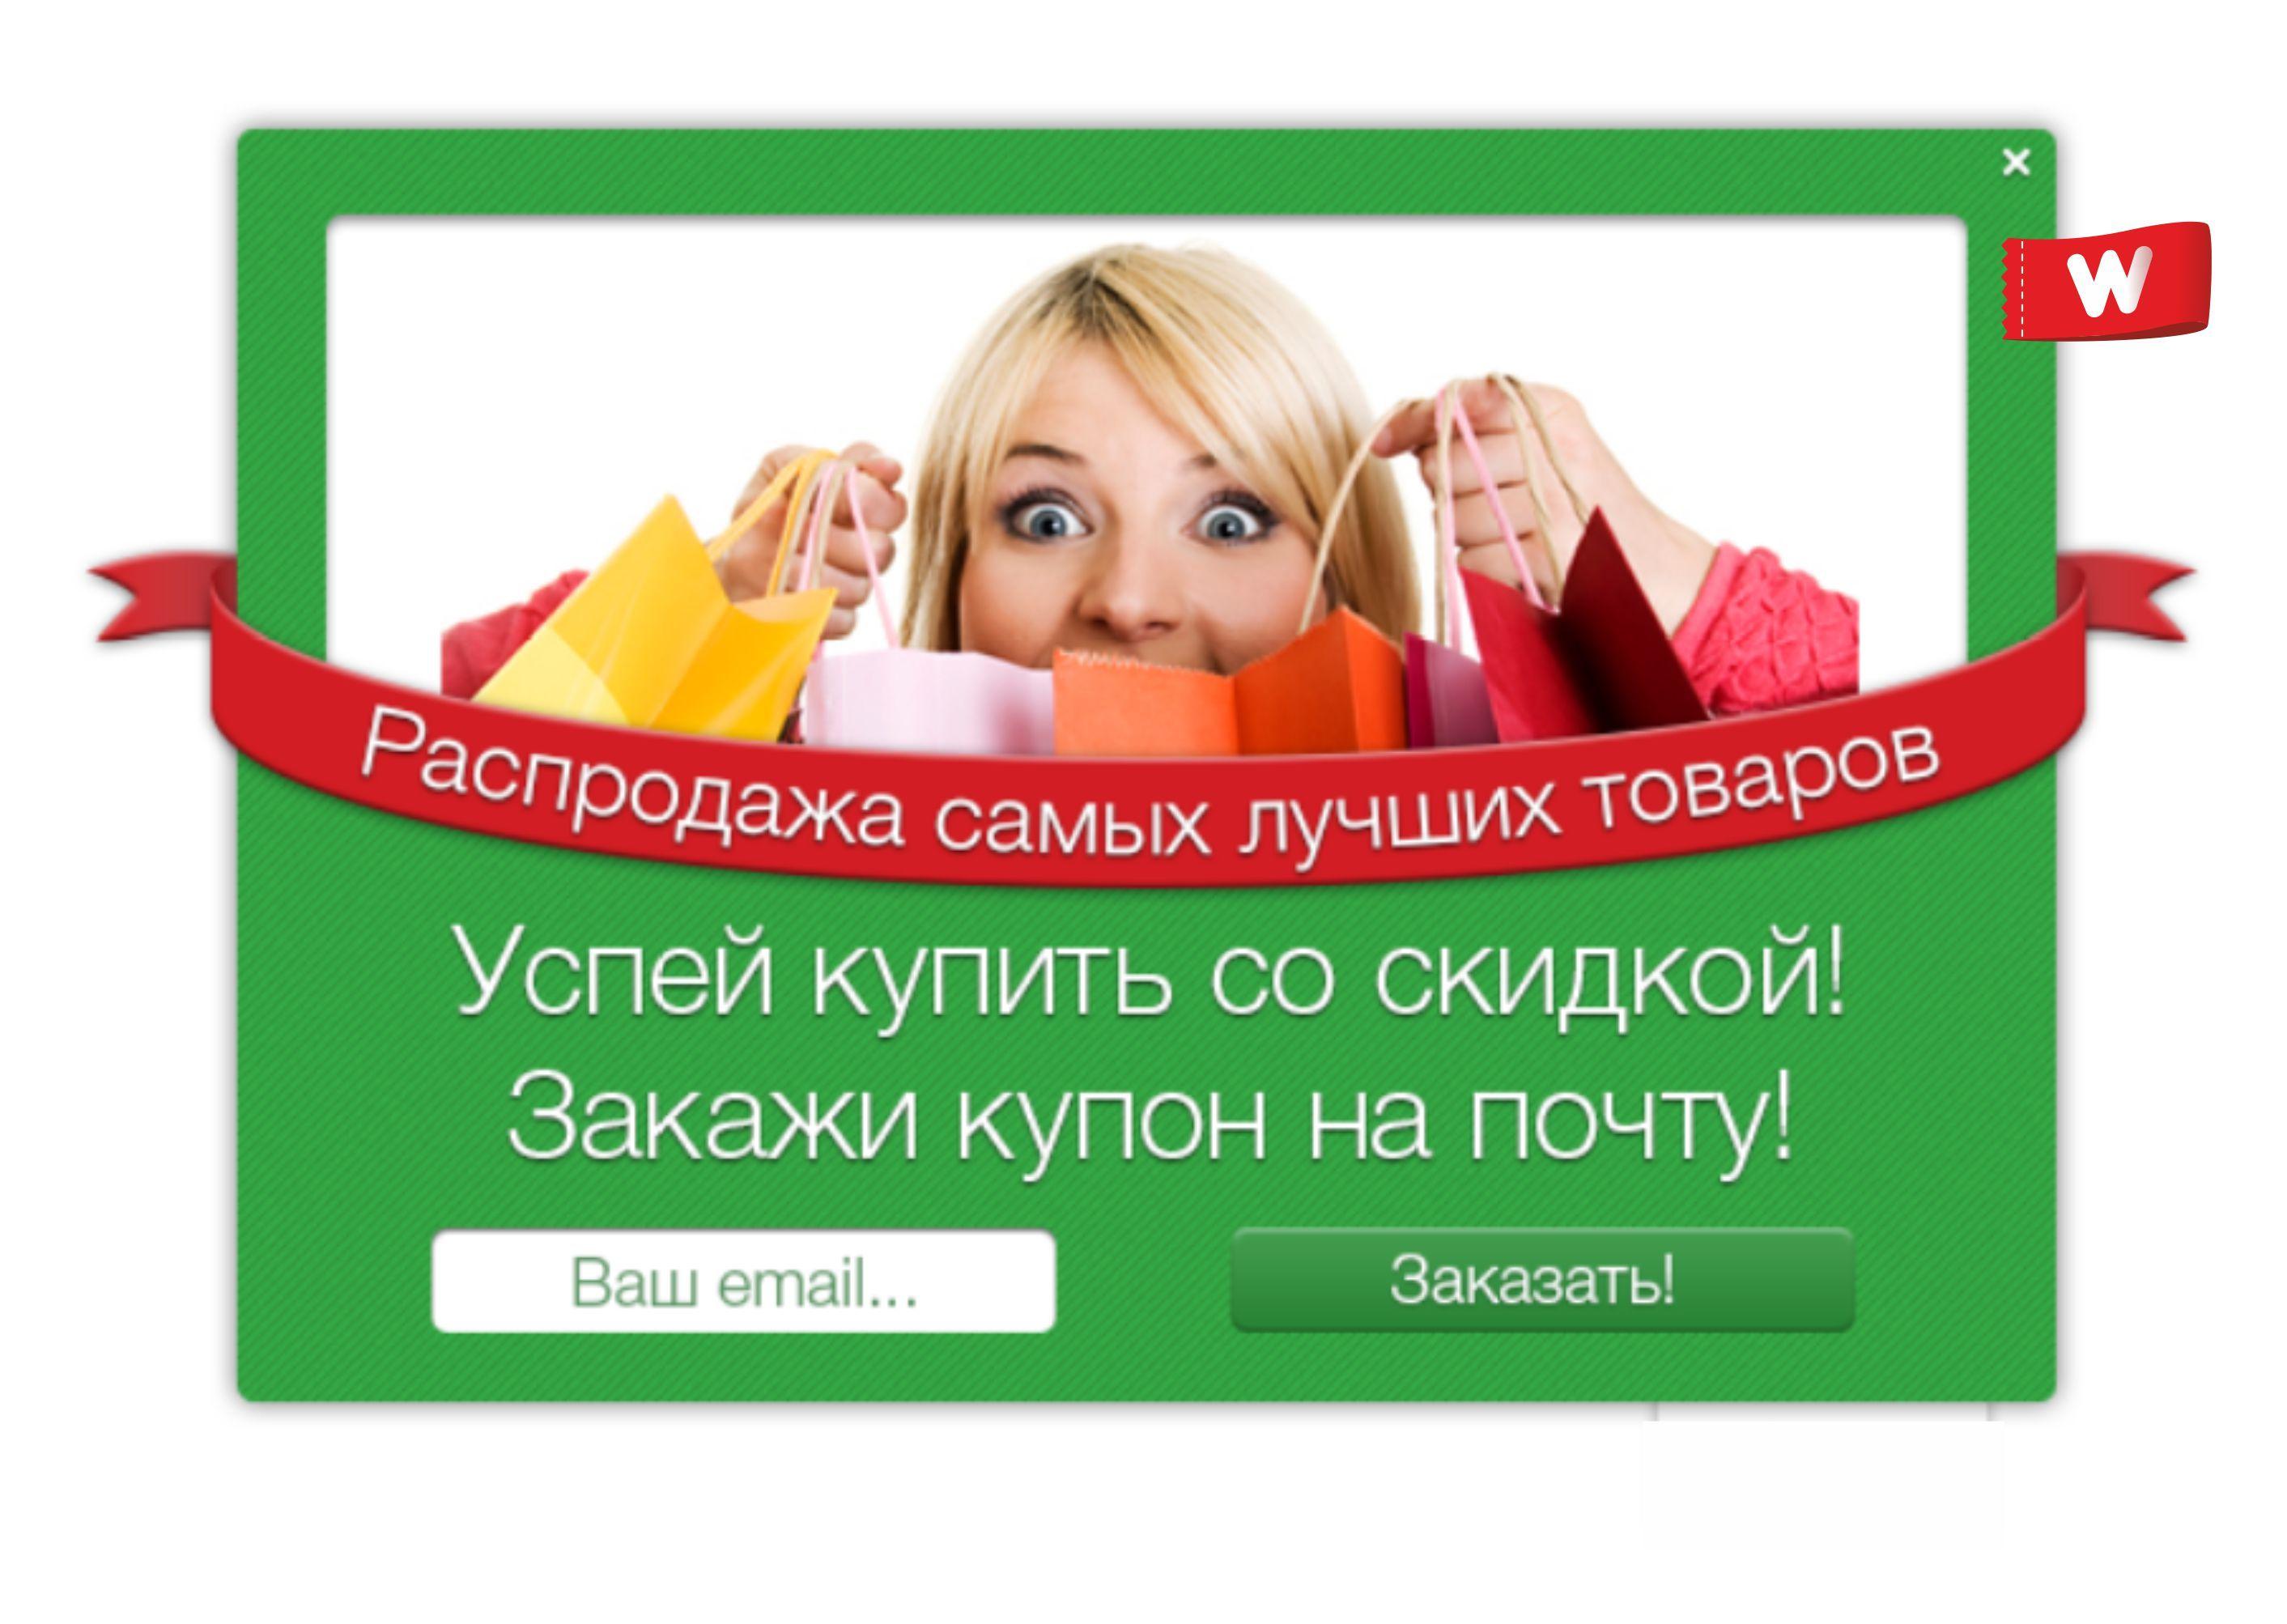 Witget.com - элементы брендирования Витжетов - дизайнер janezol